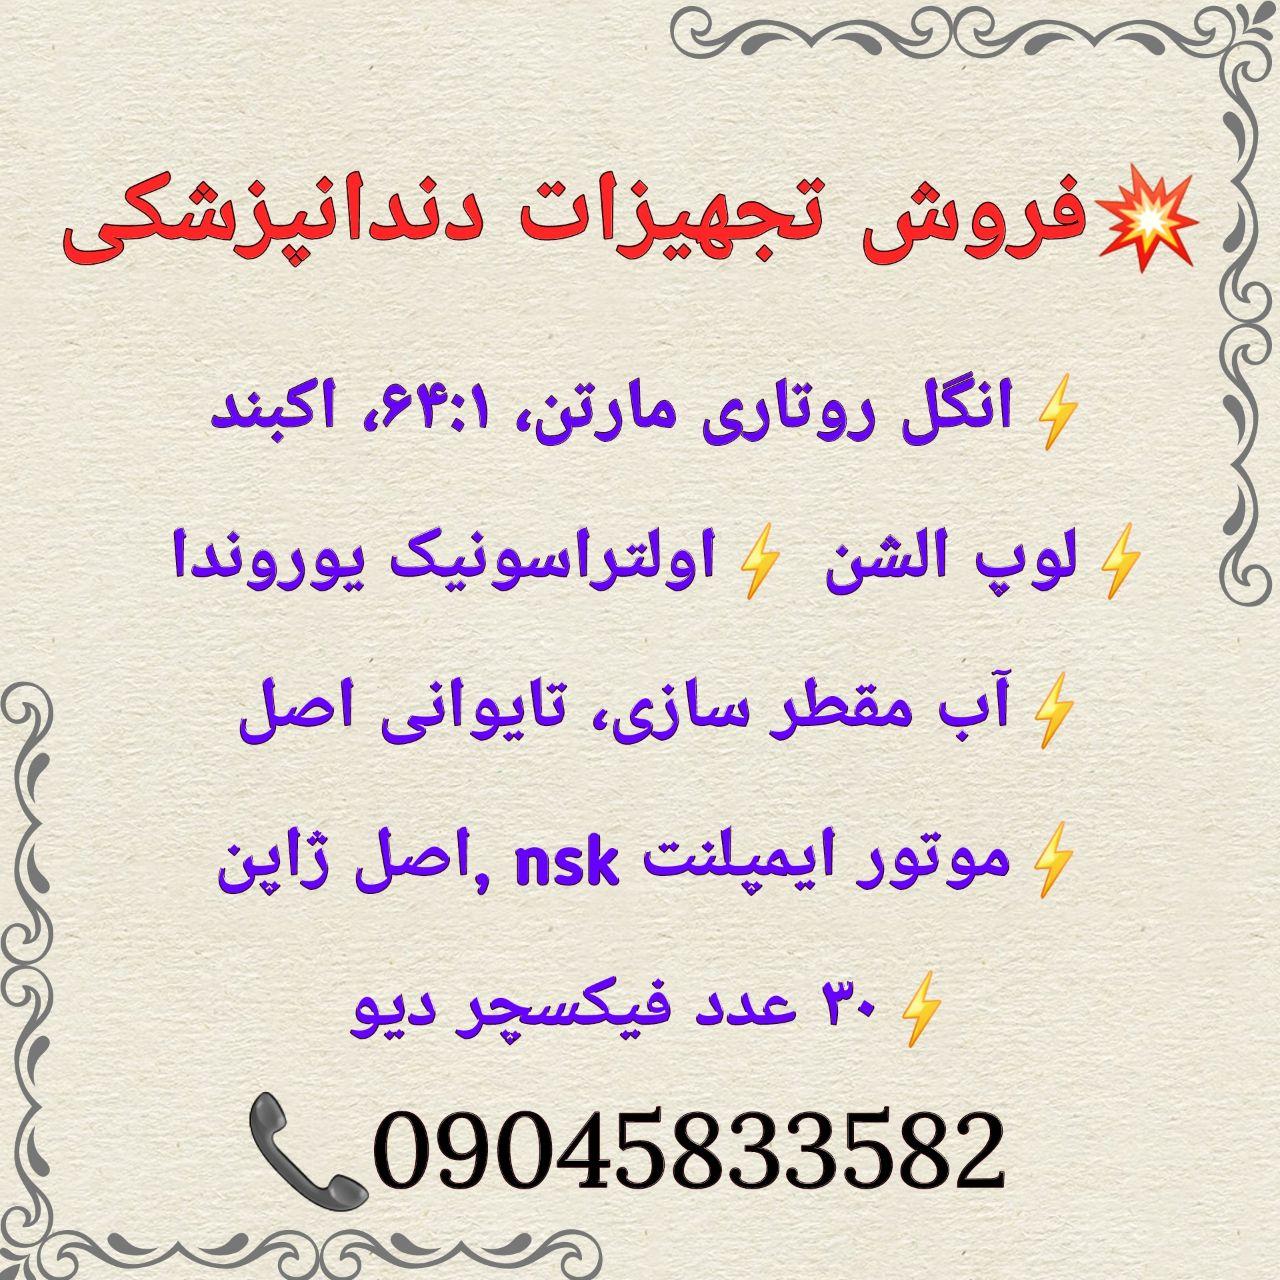 تهران: فروش تجهیزات دندانپزشکی